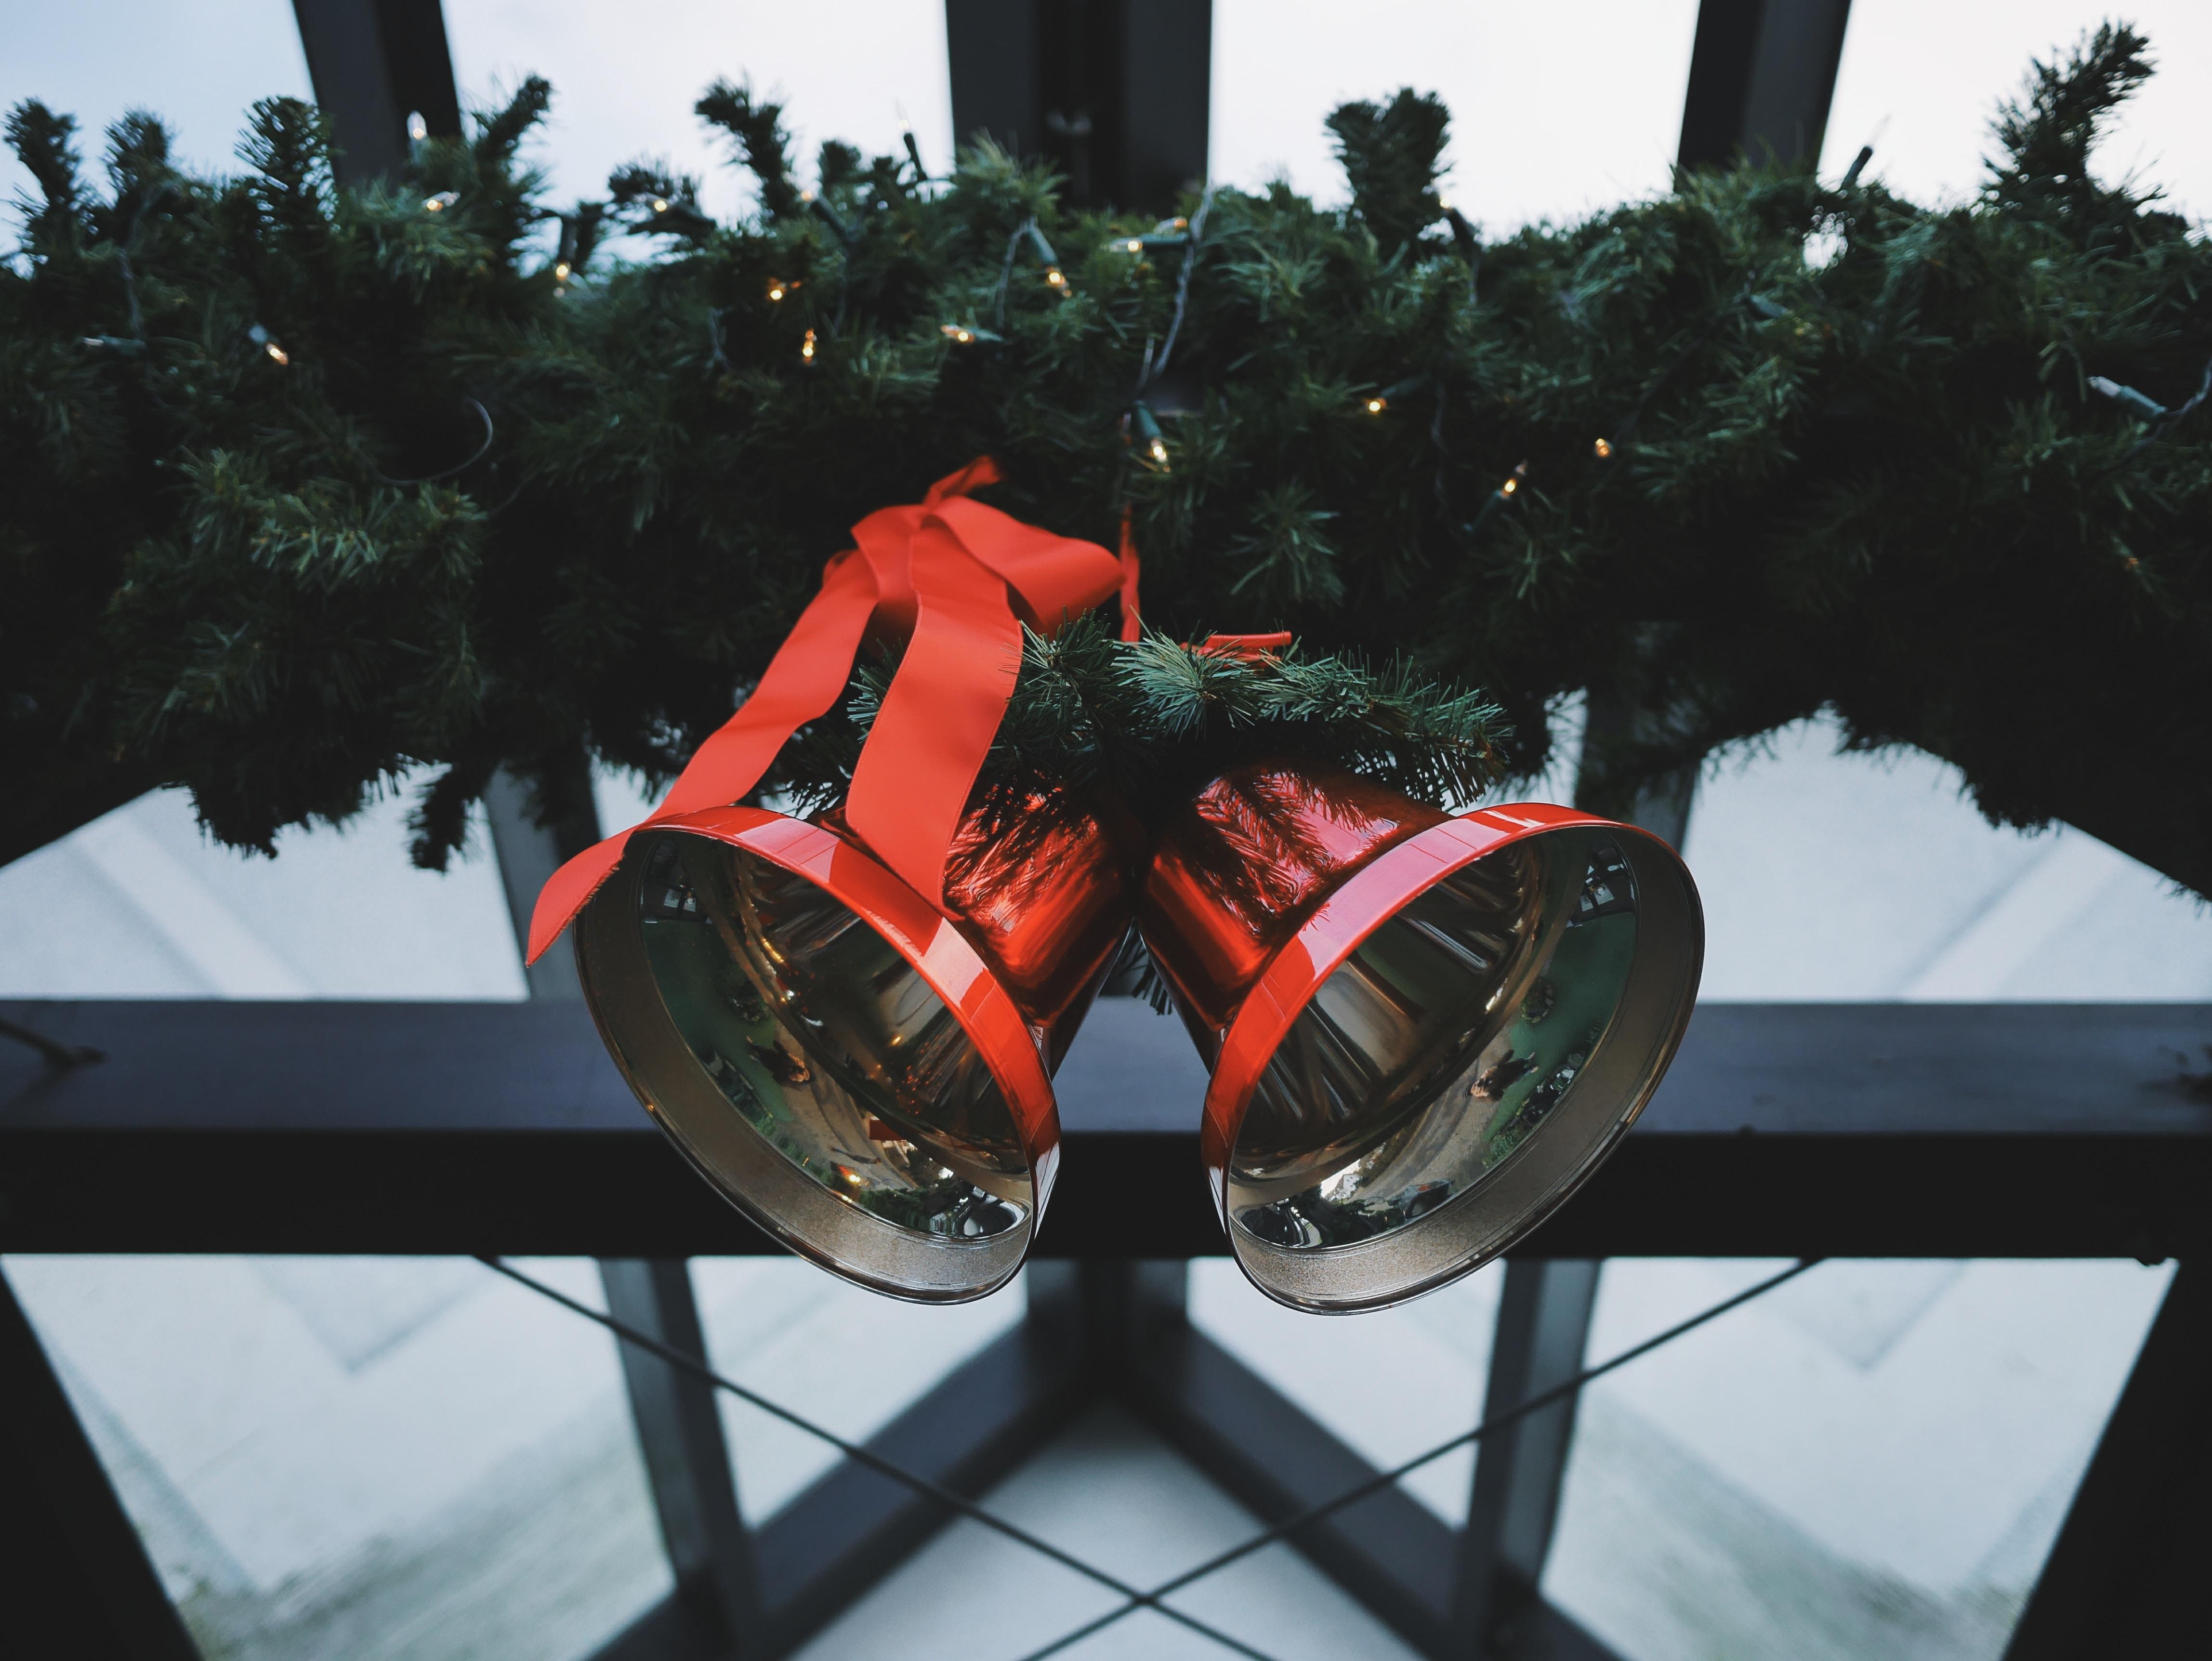 Zanimljivosti vezane uz božićne pjesme